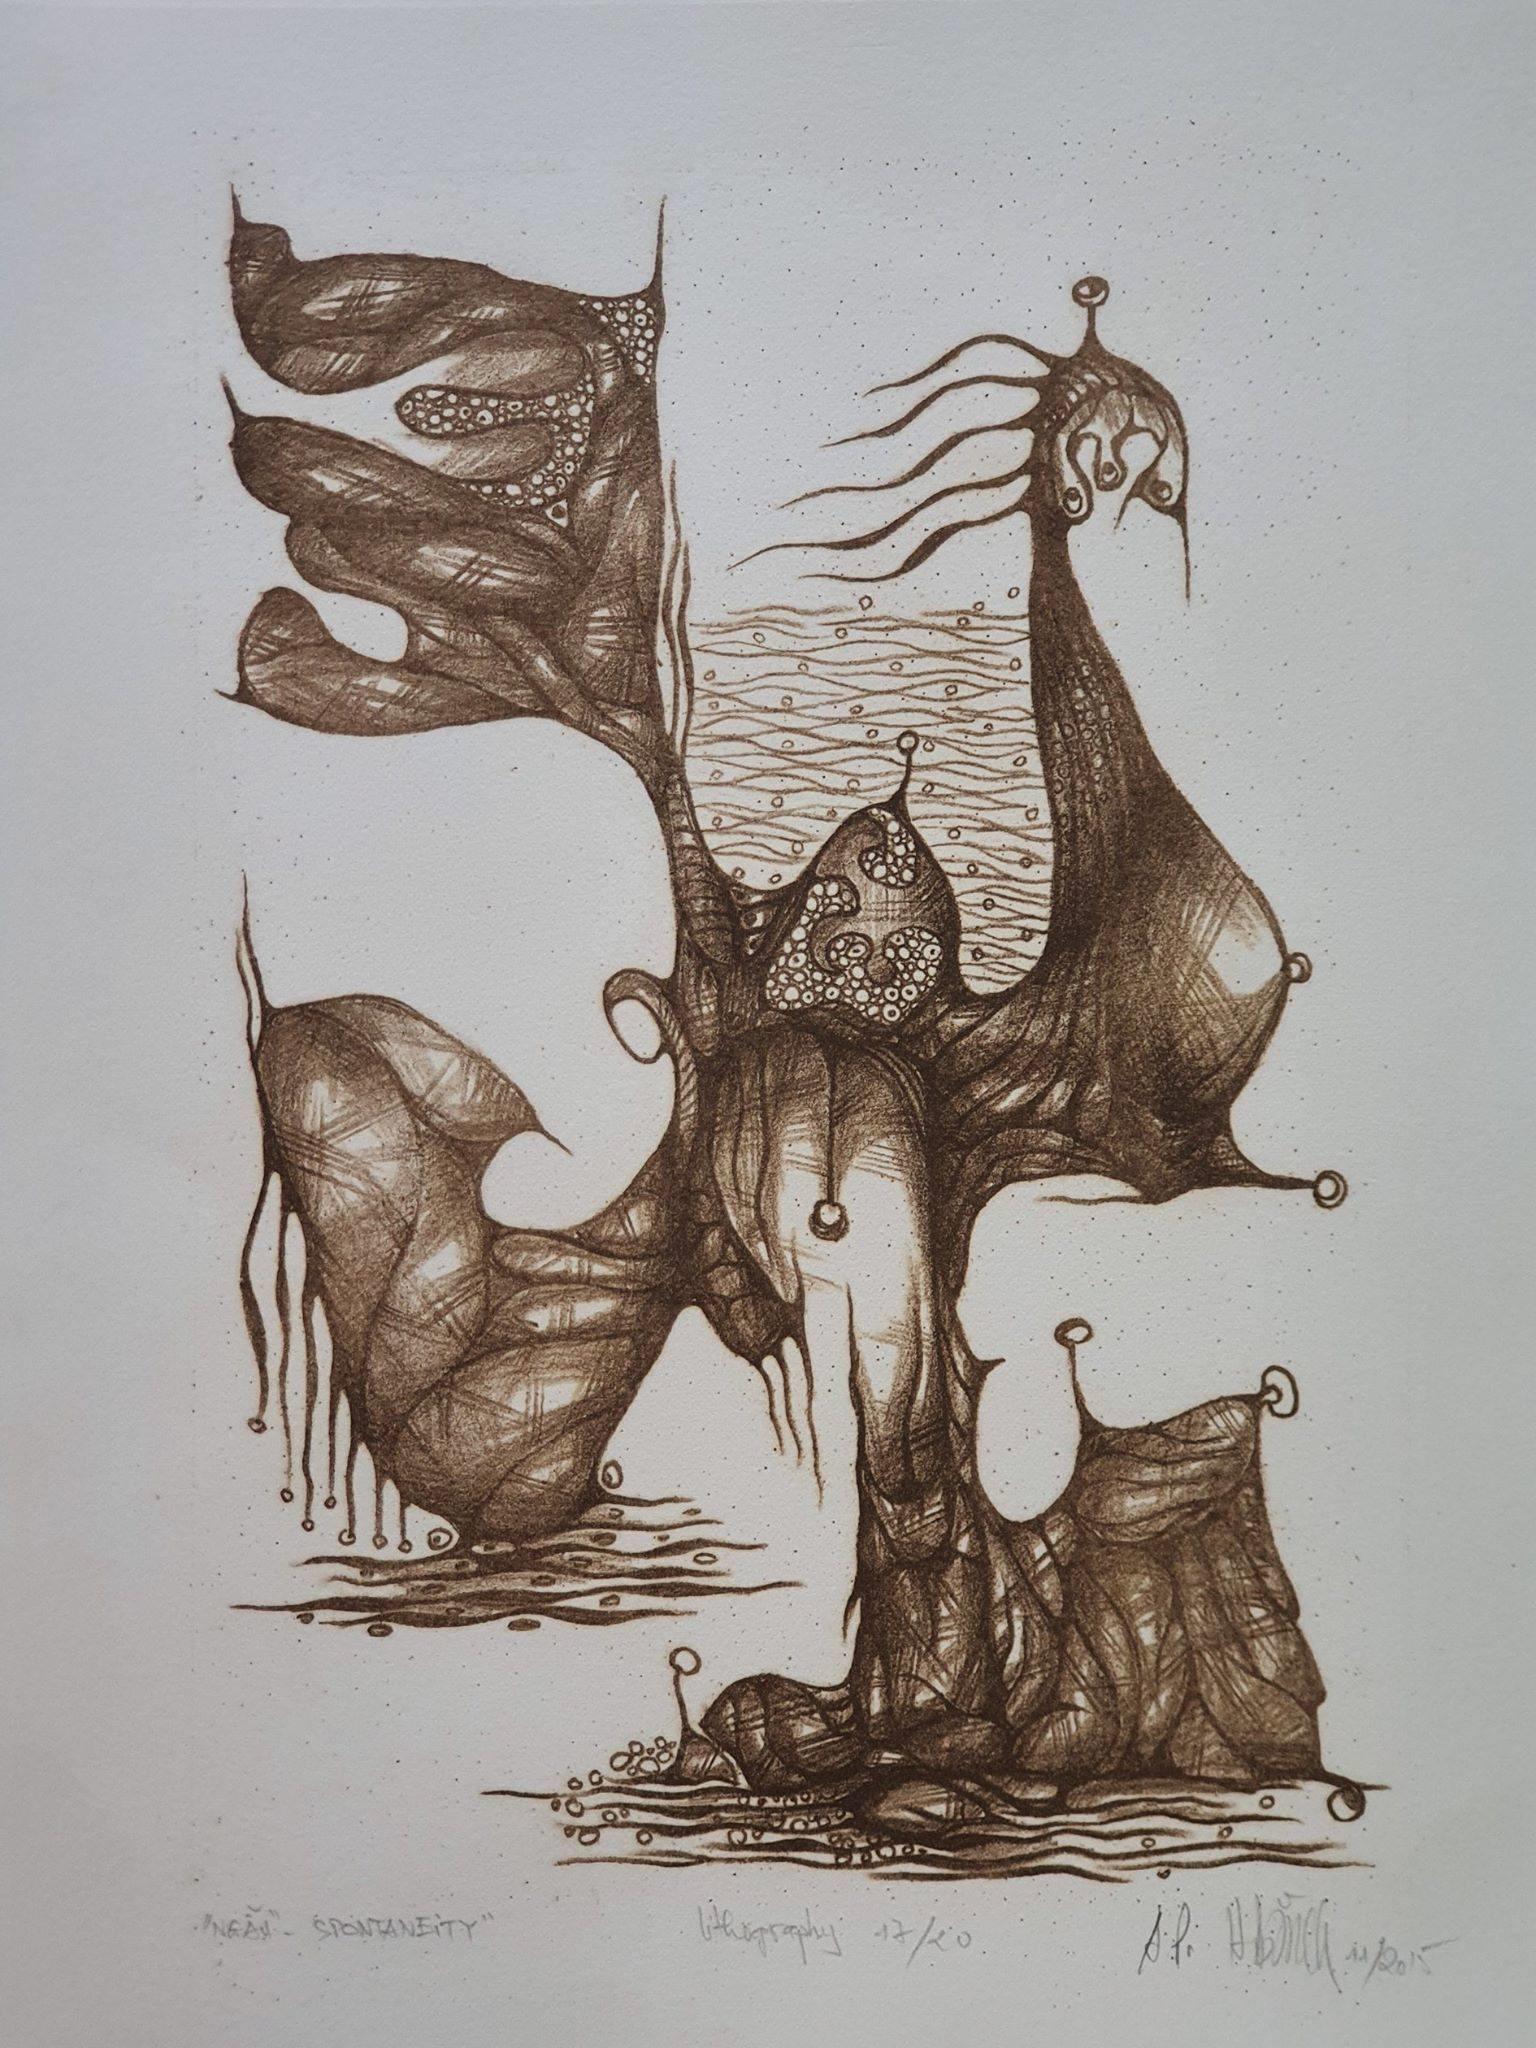 """Bộ tranh 3 bức """"Ngẫu liên Lotus in spontaneity"""" của họa sĩ Phan Hải Bằng được nhà sưu tập Nguyễn Thị Huệ sưu tập với giá 13,5 triệu đồng."""